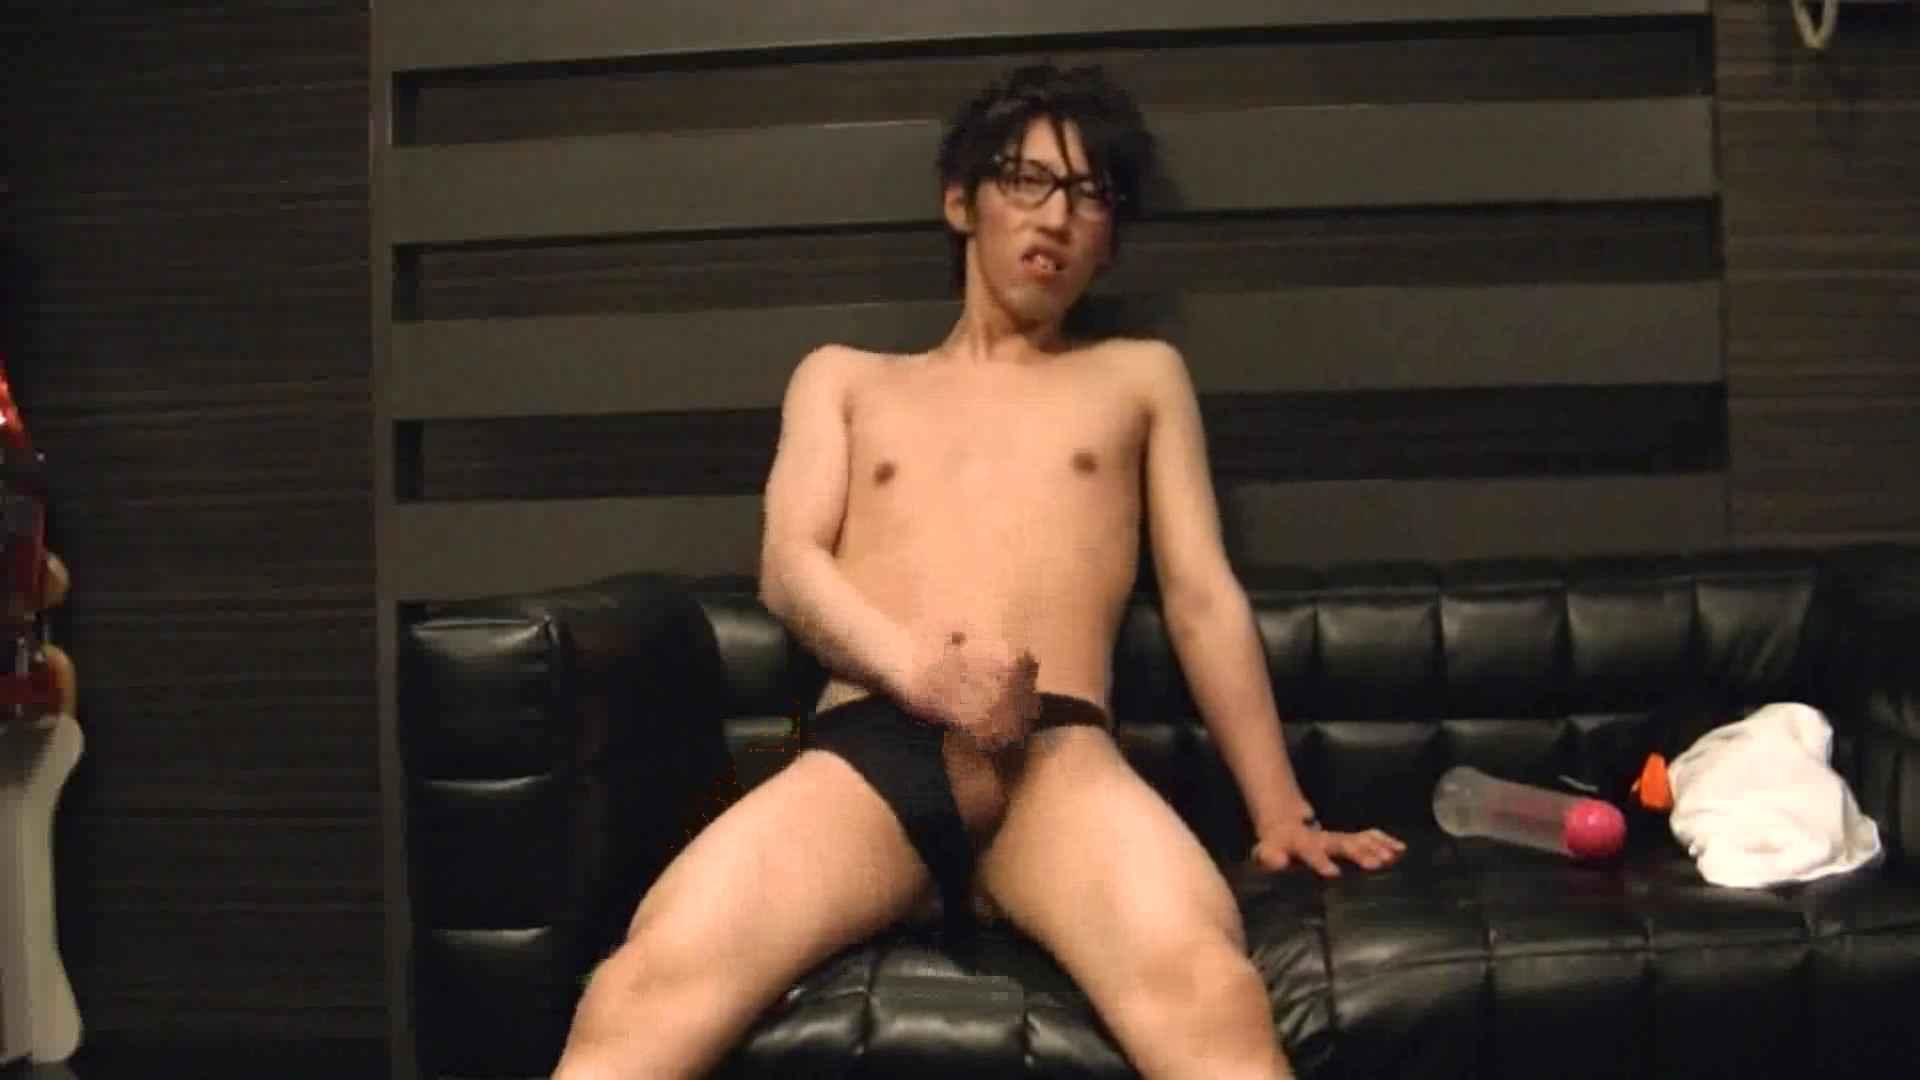 ONA見せカーニバル!! Vol3 男の世界 | オナニー専門男子  98画像 9